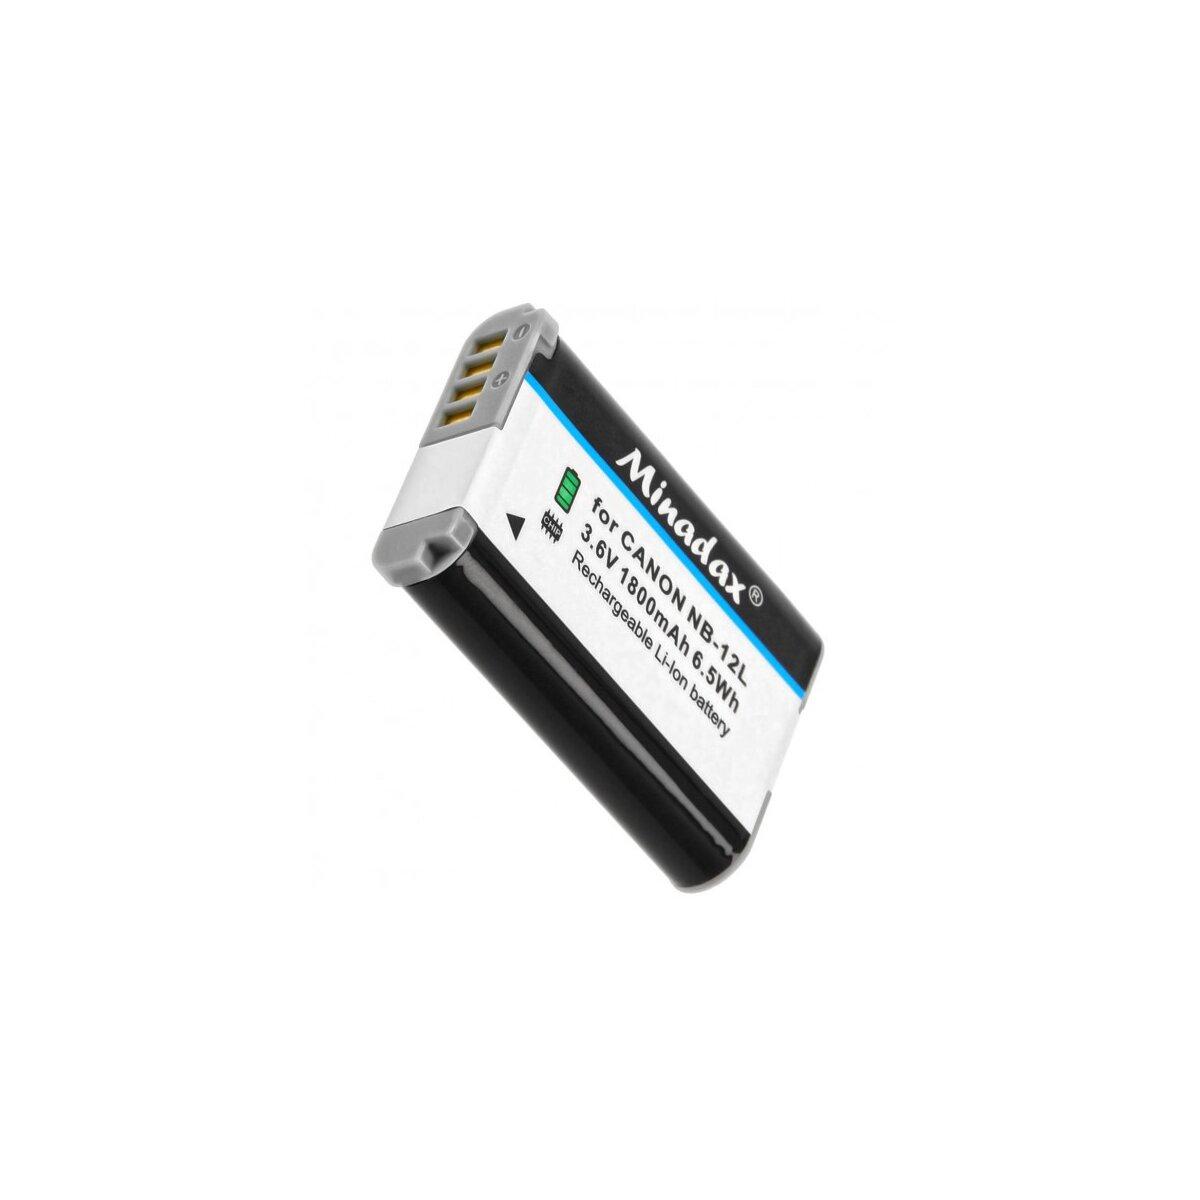 Minadax® Qualitätsakku mit echten 1800 mAh kompatibel mit Canon LEGRIA mini X / Canon VIXIA mini X / PowerShot G1 X Mark II, Ersatz für NB-12L - Intelligentes Akkusystem mit Chip